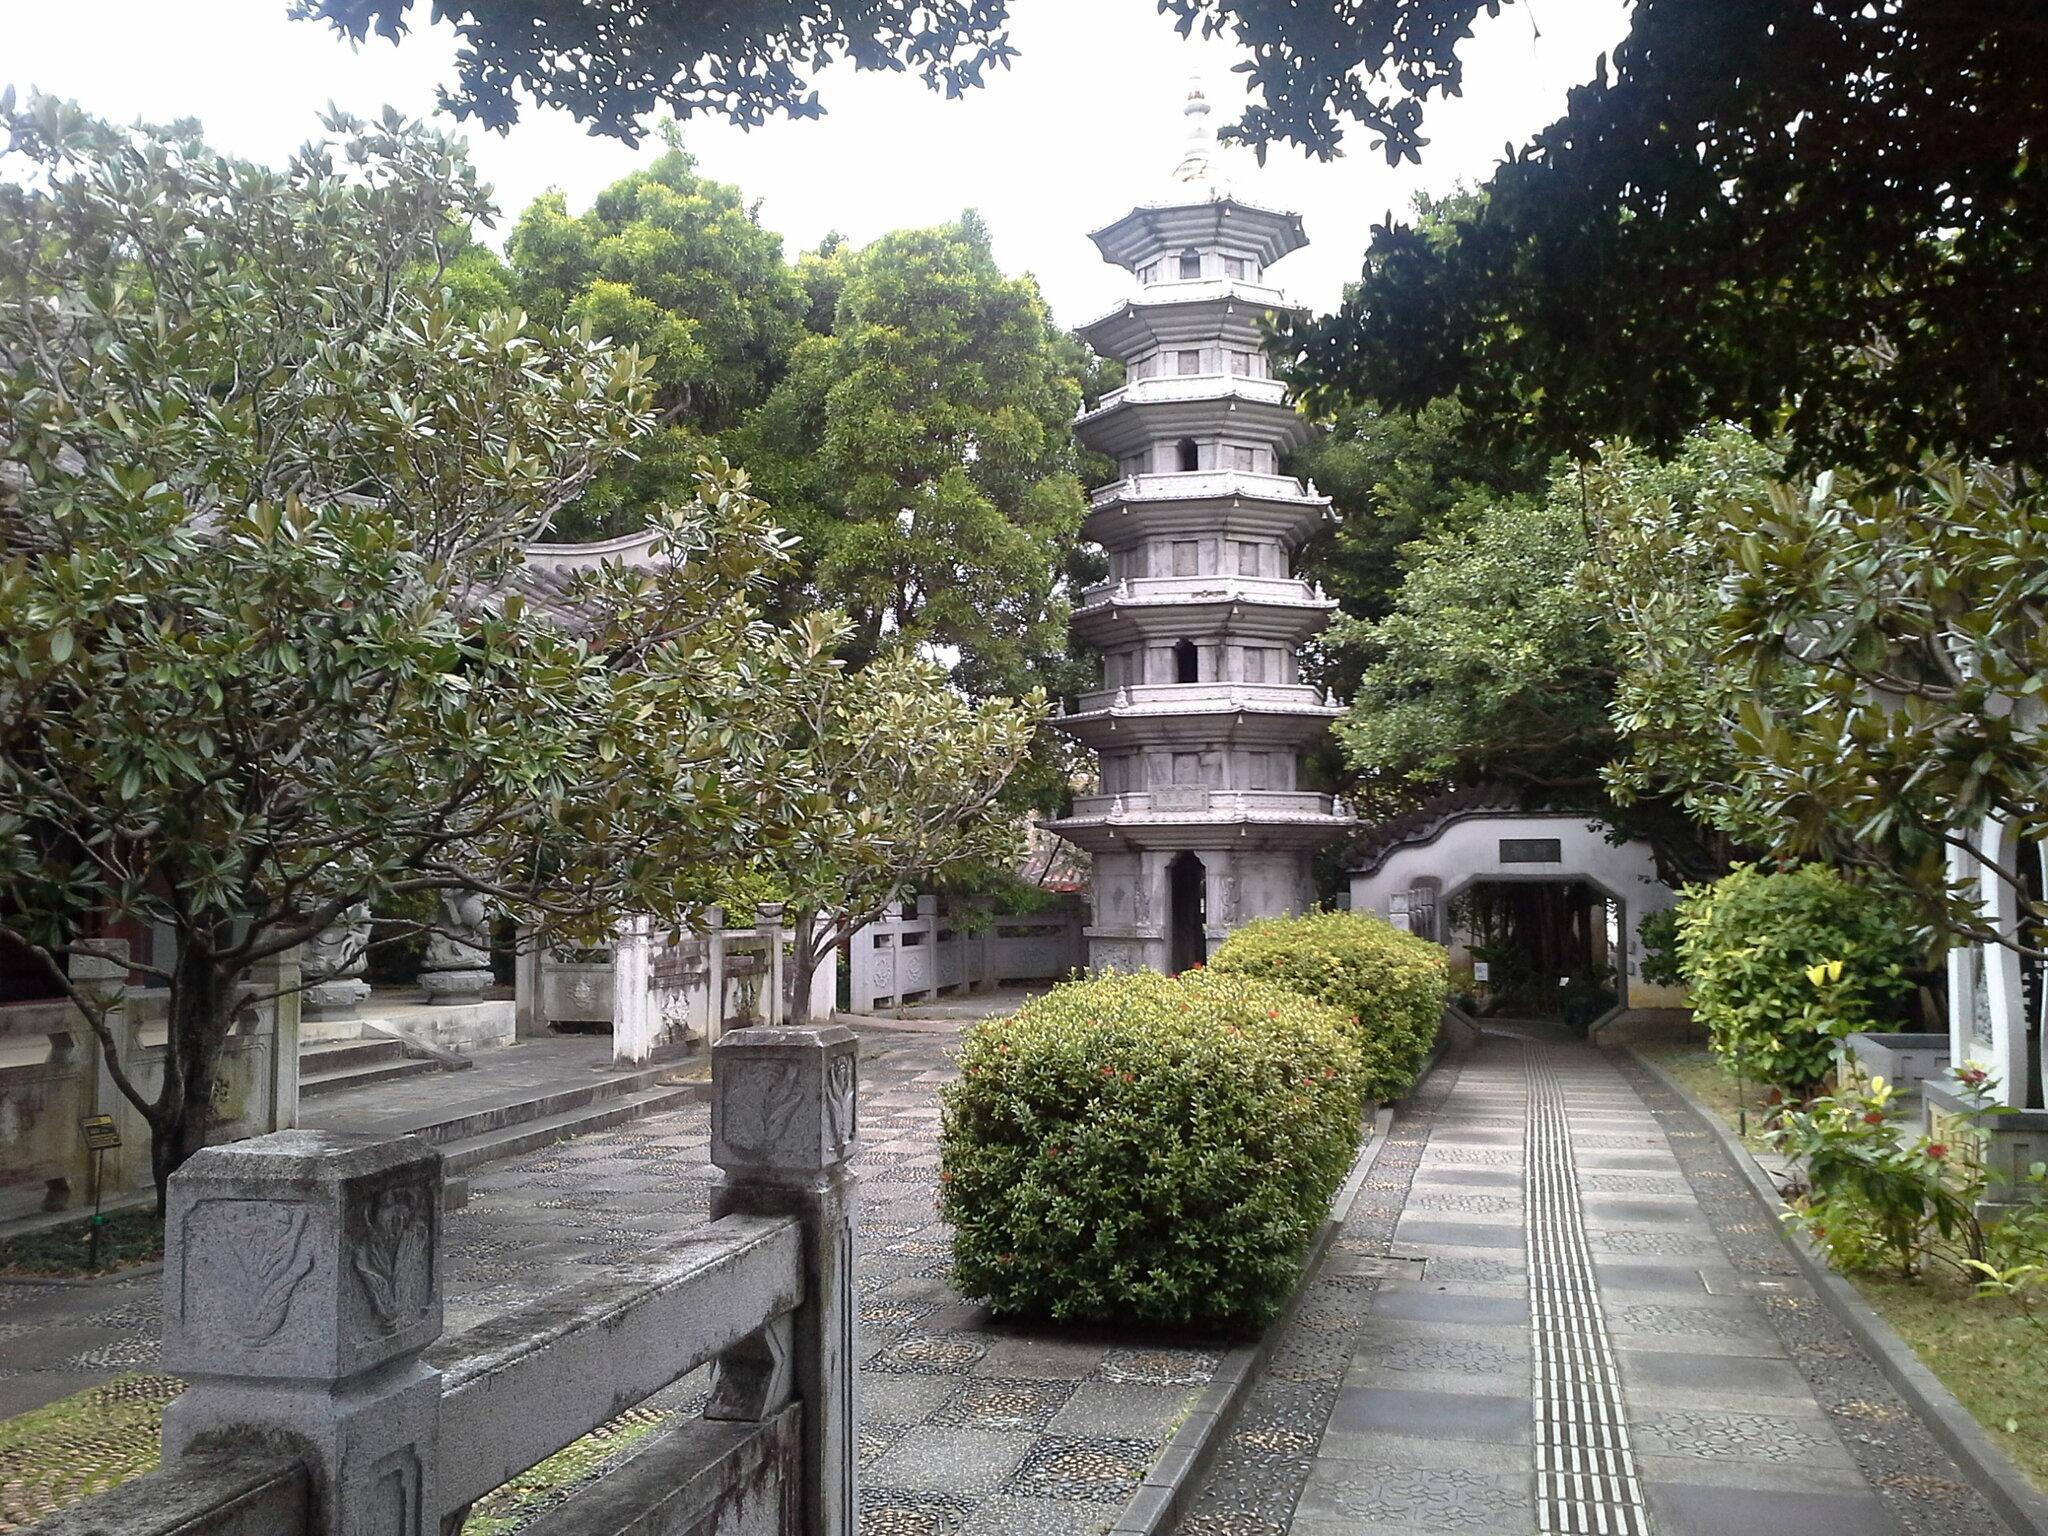 Okinawa Le jardin chinois et le temple de Naminoue beach